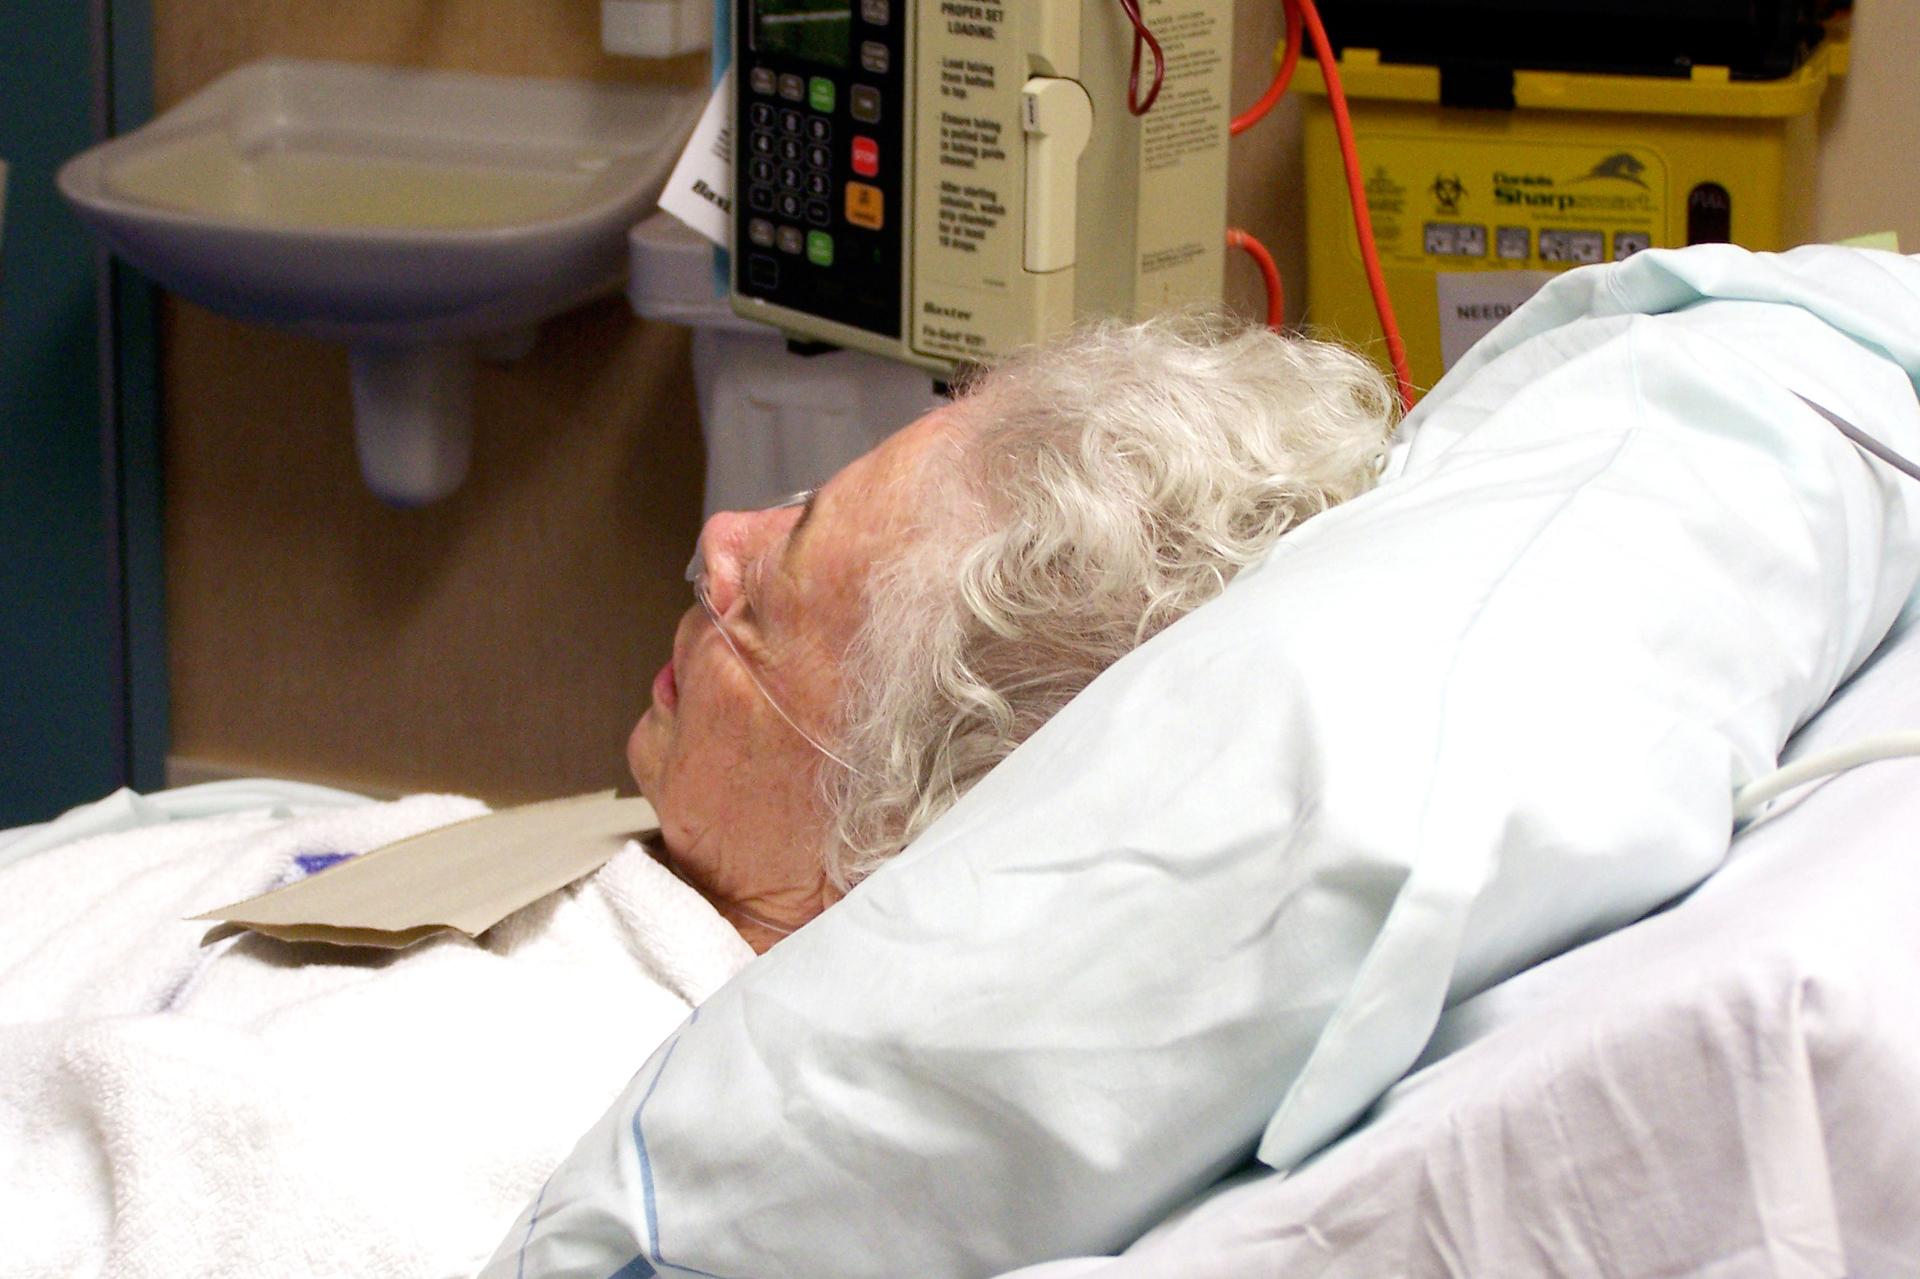 Darmkanker: 5 duizend sterfgevallen per jaar